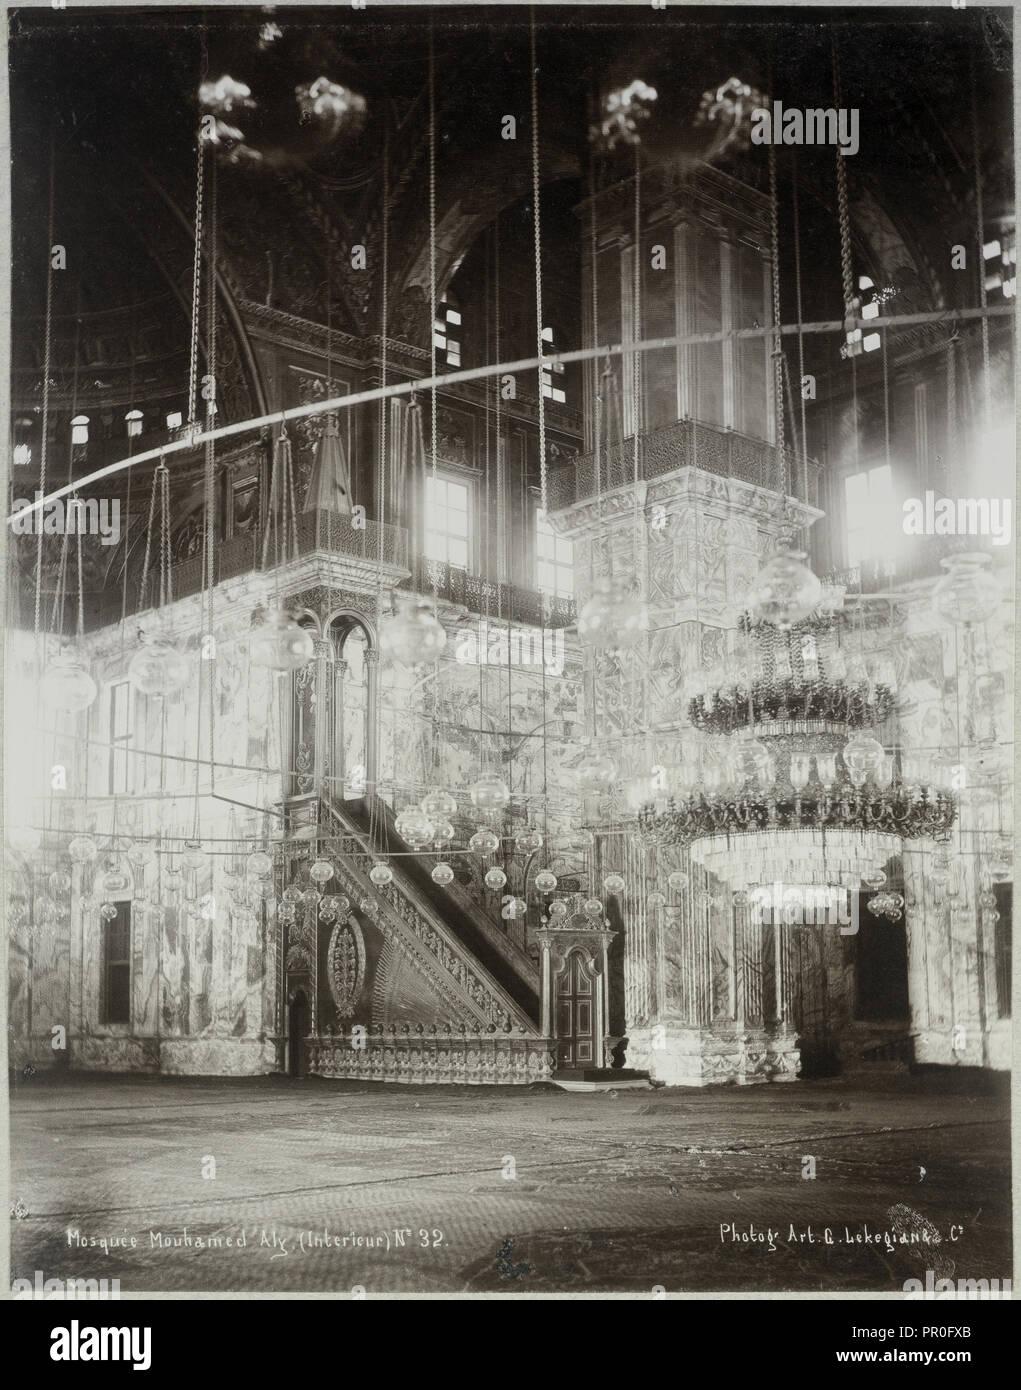 Mosquée Mouhamed Aly, Intérieur, Basse Egypte Janvier 1906 - Alben von Paul Fleury's Reisen in den Nahen Osten Stockbild